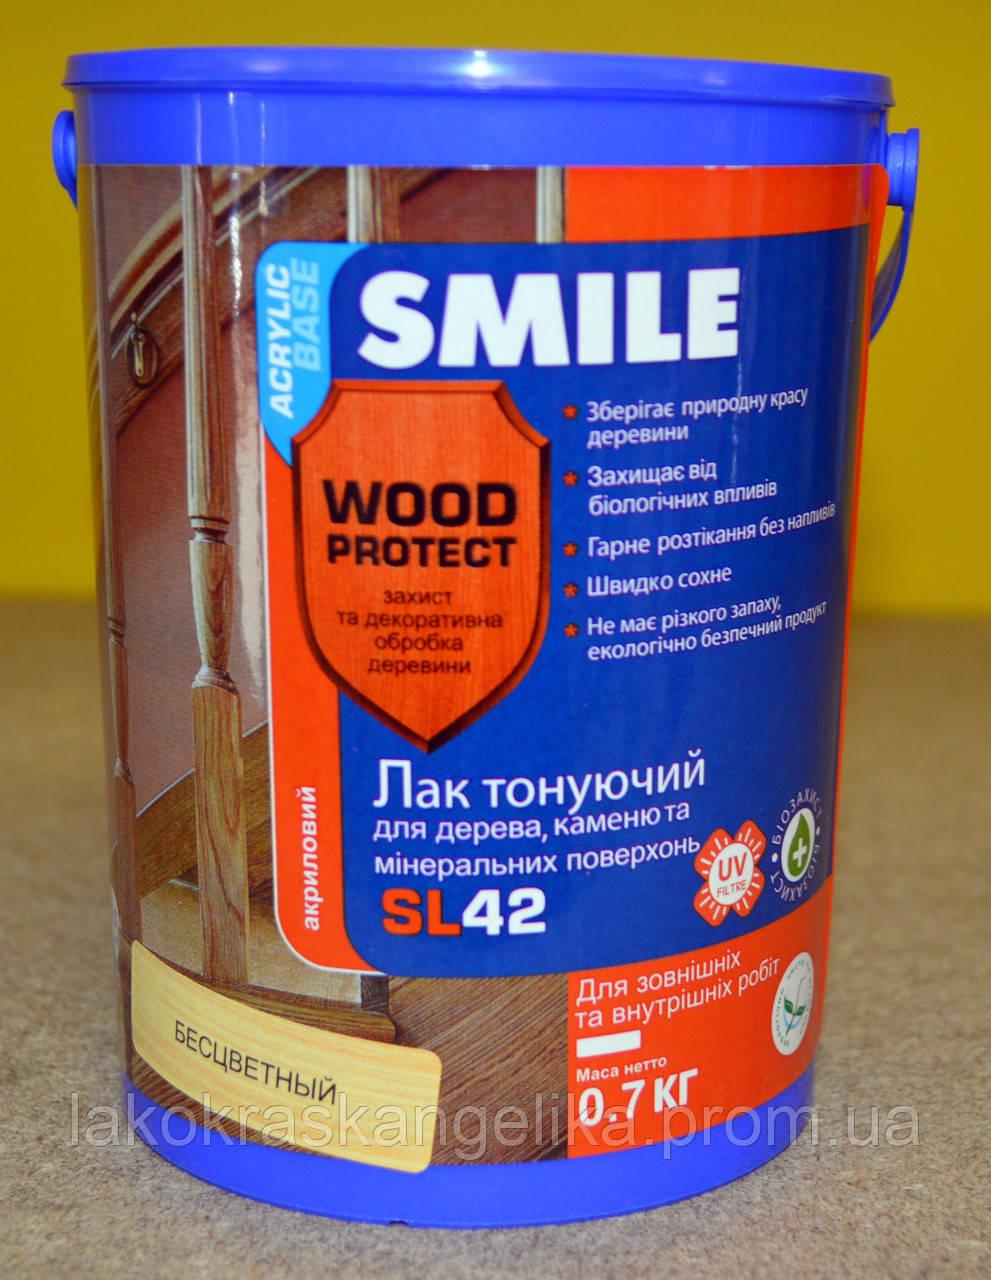 Тонирующий акриловый лак для  дерева и минеральных оснований SL 42 Wood Protect Smile 0,7 кг - Лакокраска на Анжелике в Одессе